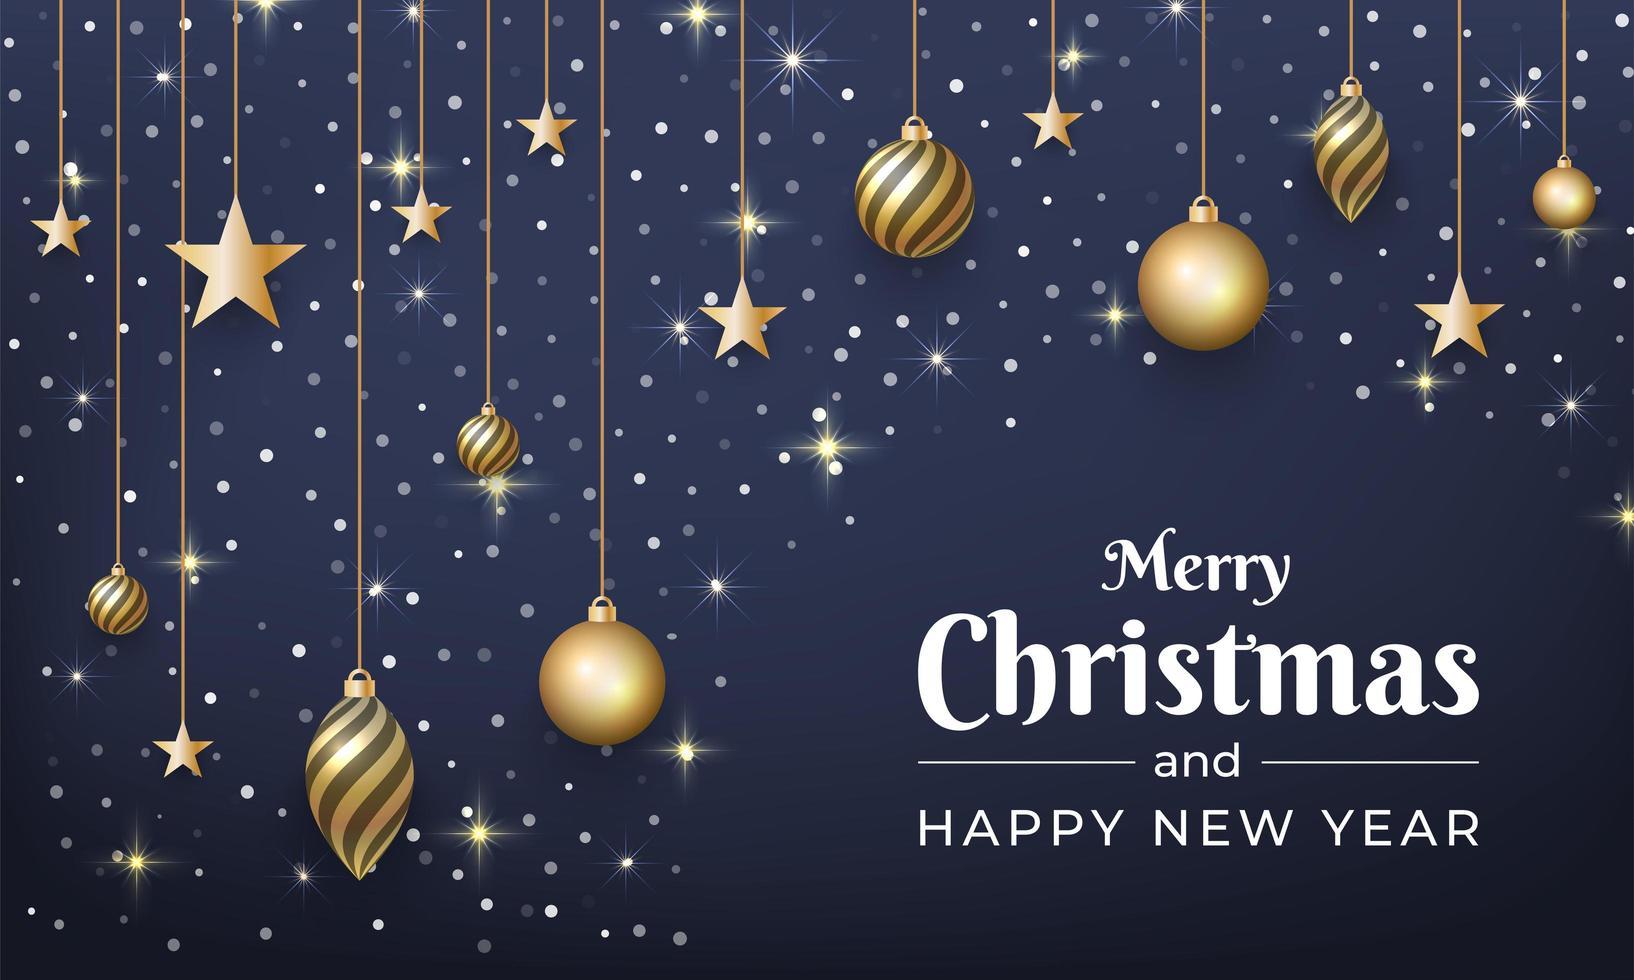 conception de Noël et du nouvel an avec des paillettes, des ornements en or vecteur